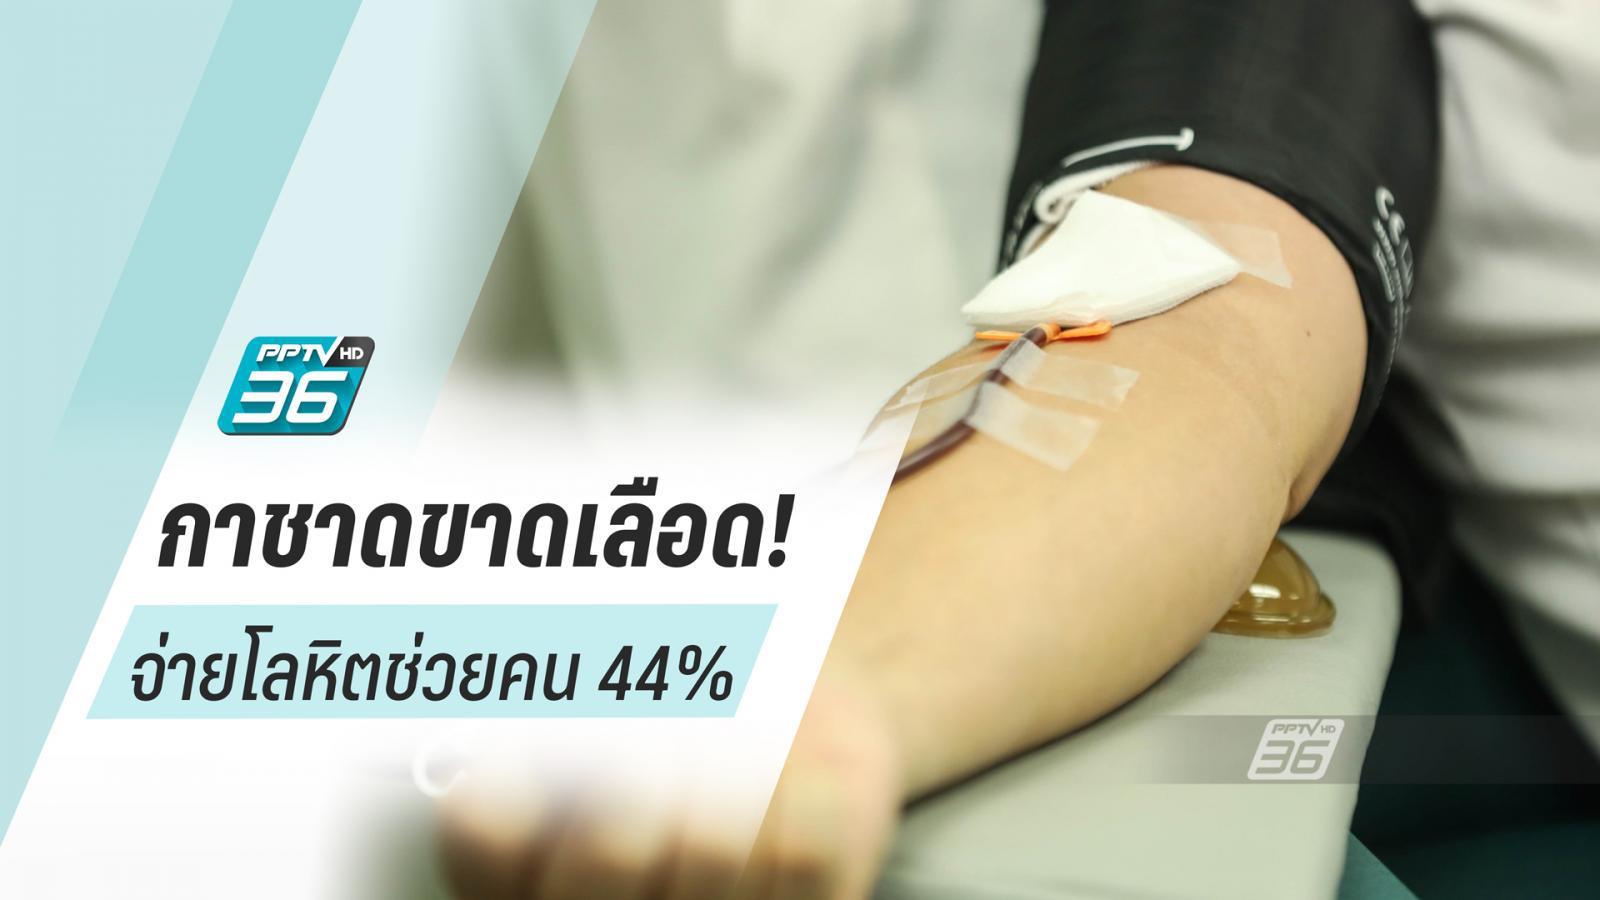 กาชาดขาดเลือด! เหตุโควิดทำคนบริจาคน้อย จ่ายโลหิตช่วยผู้ป่วยแค่ 44%